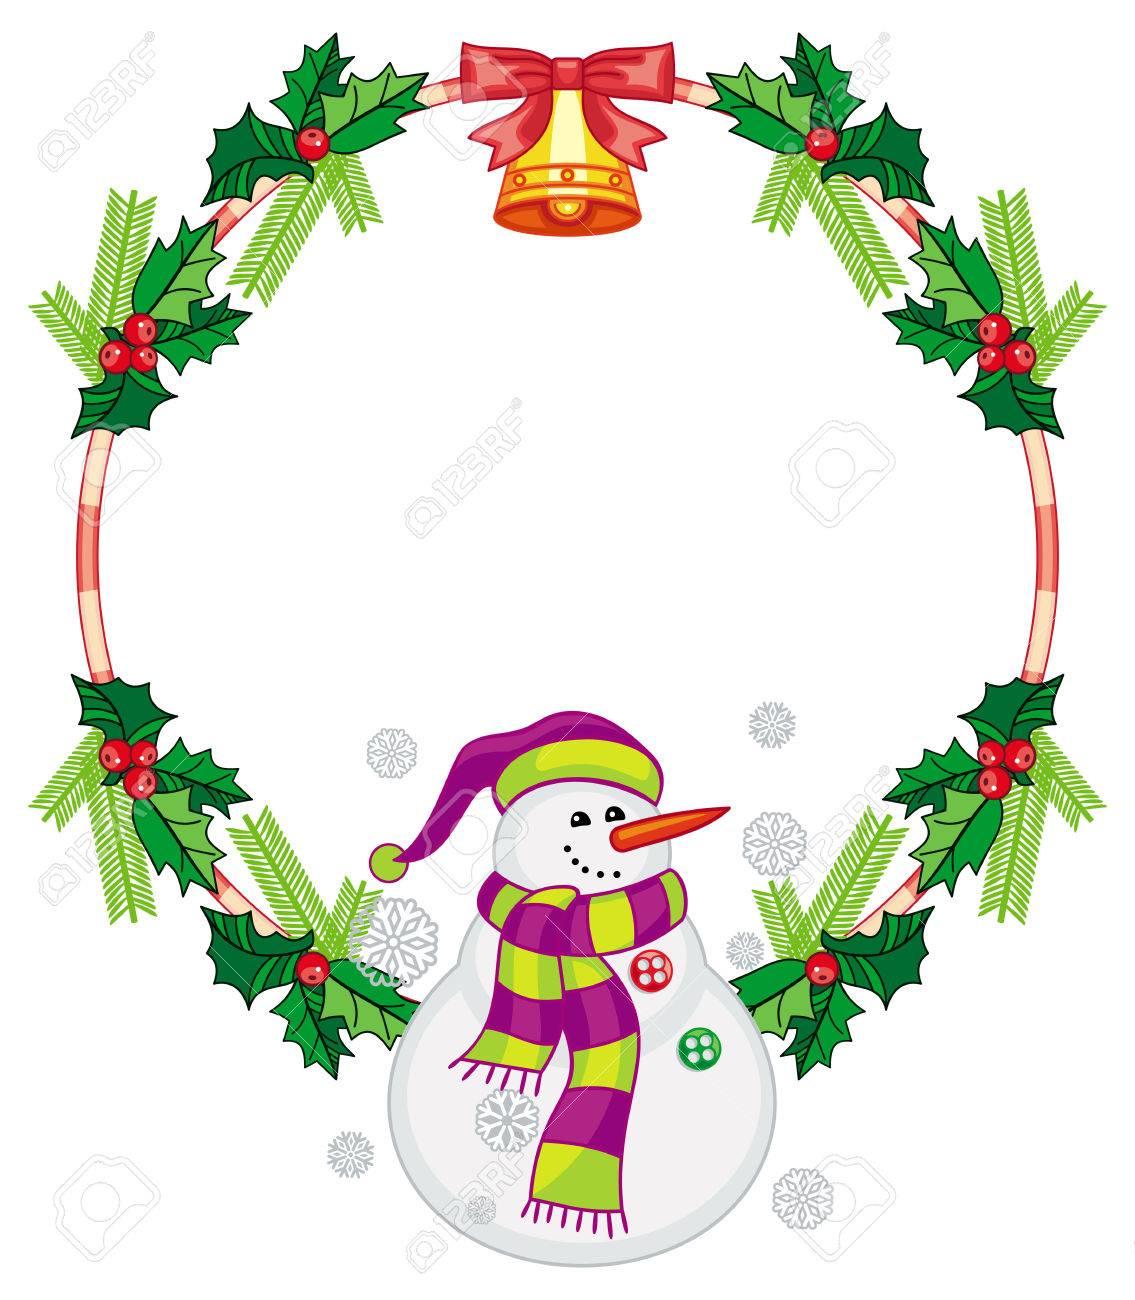 フレーム クリスマス イラスト 無料